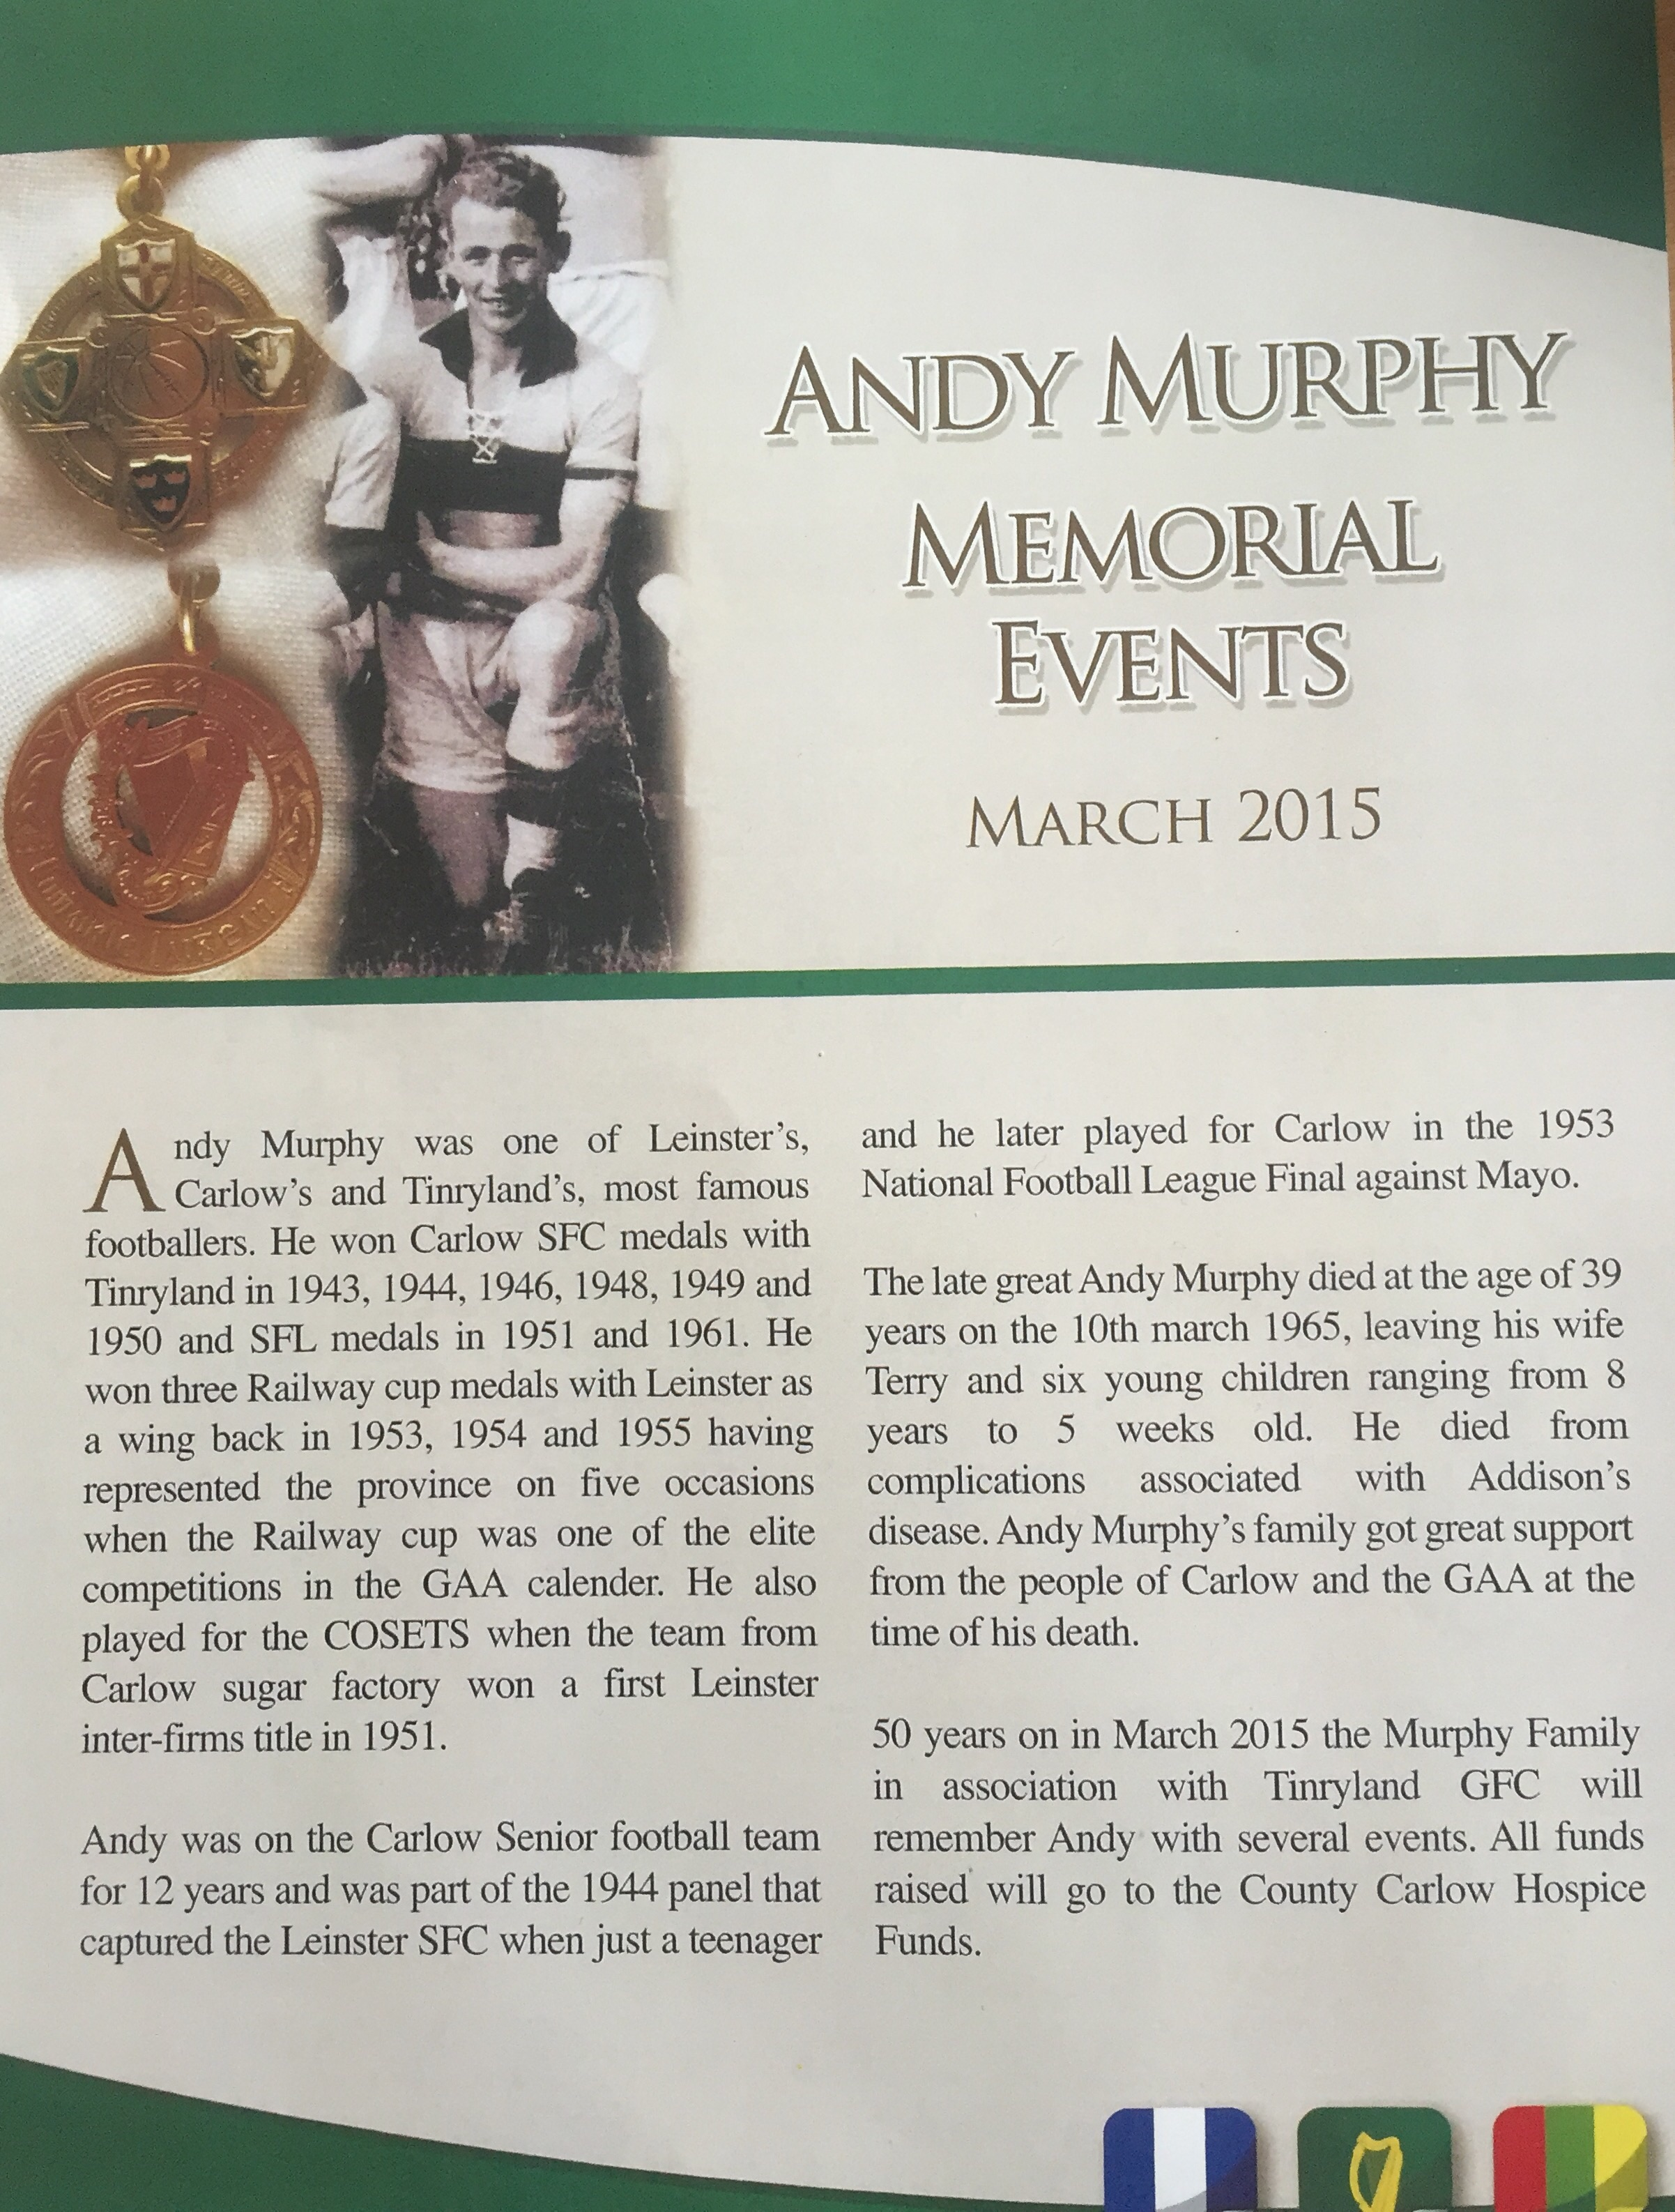 Andy Murphy Memorial